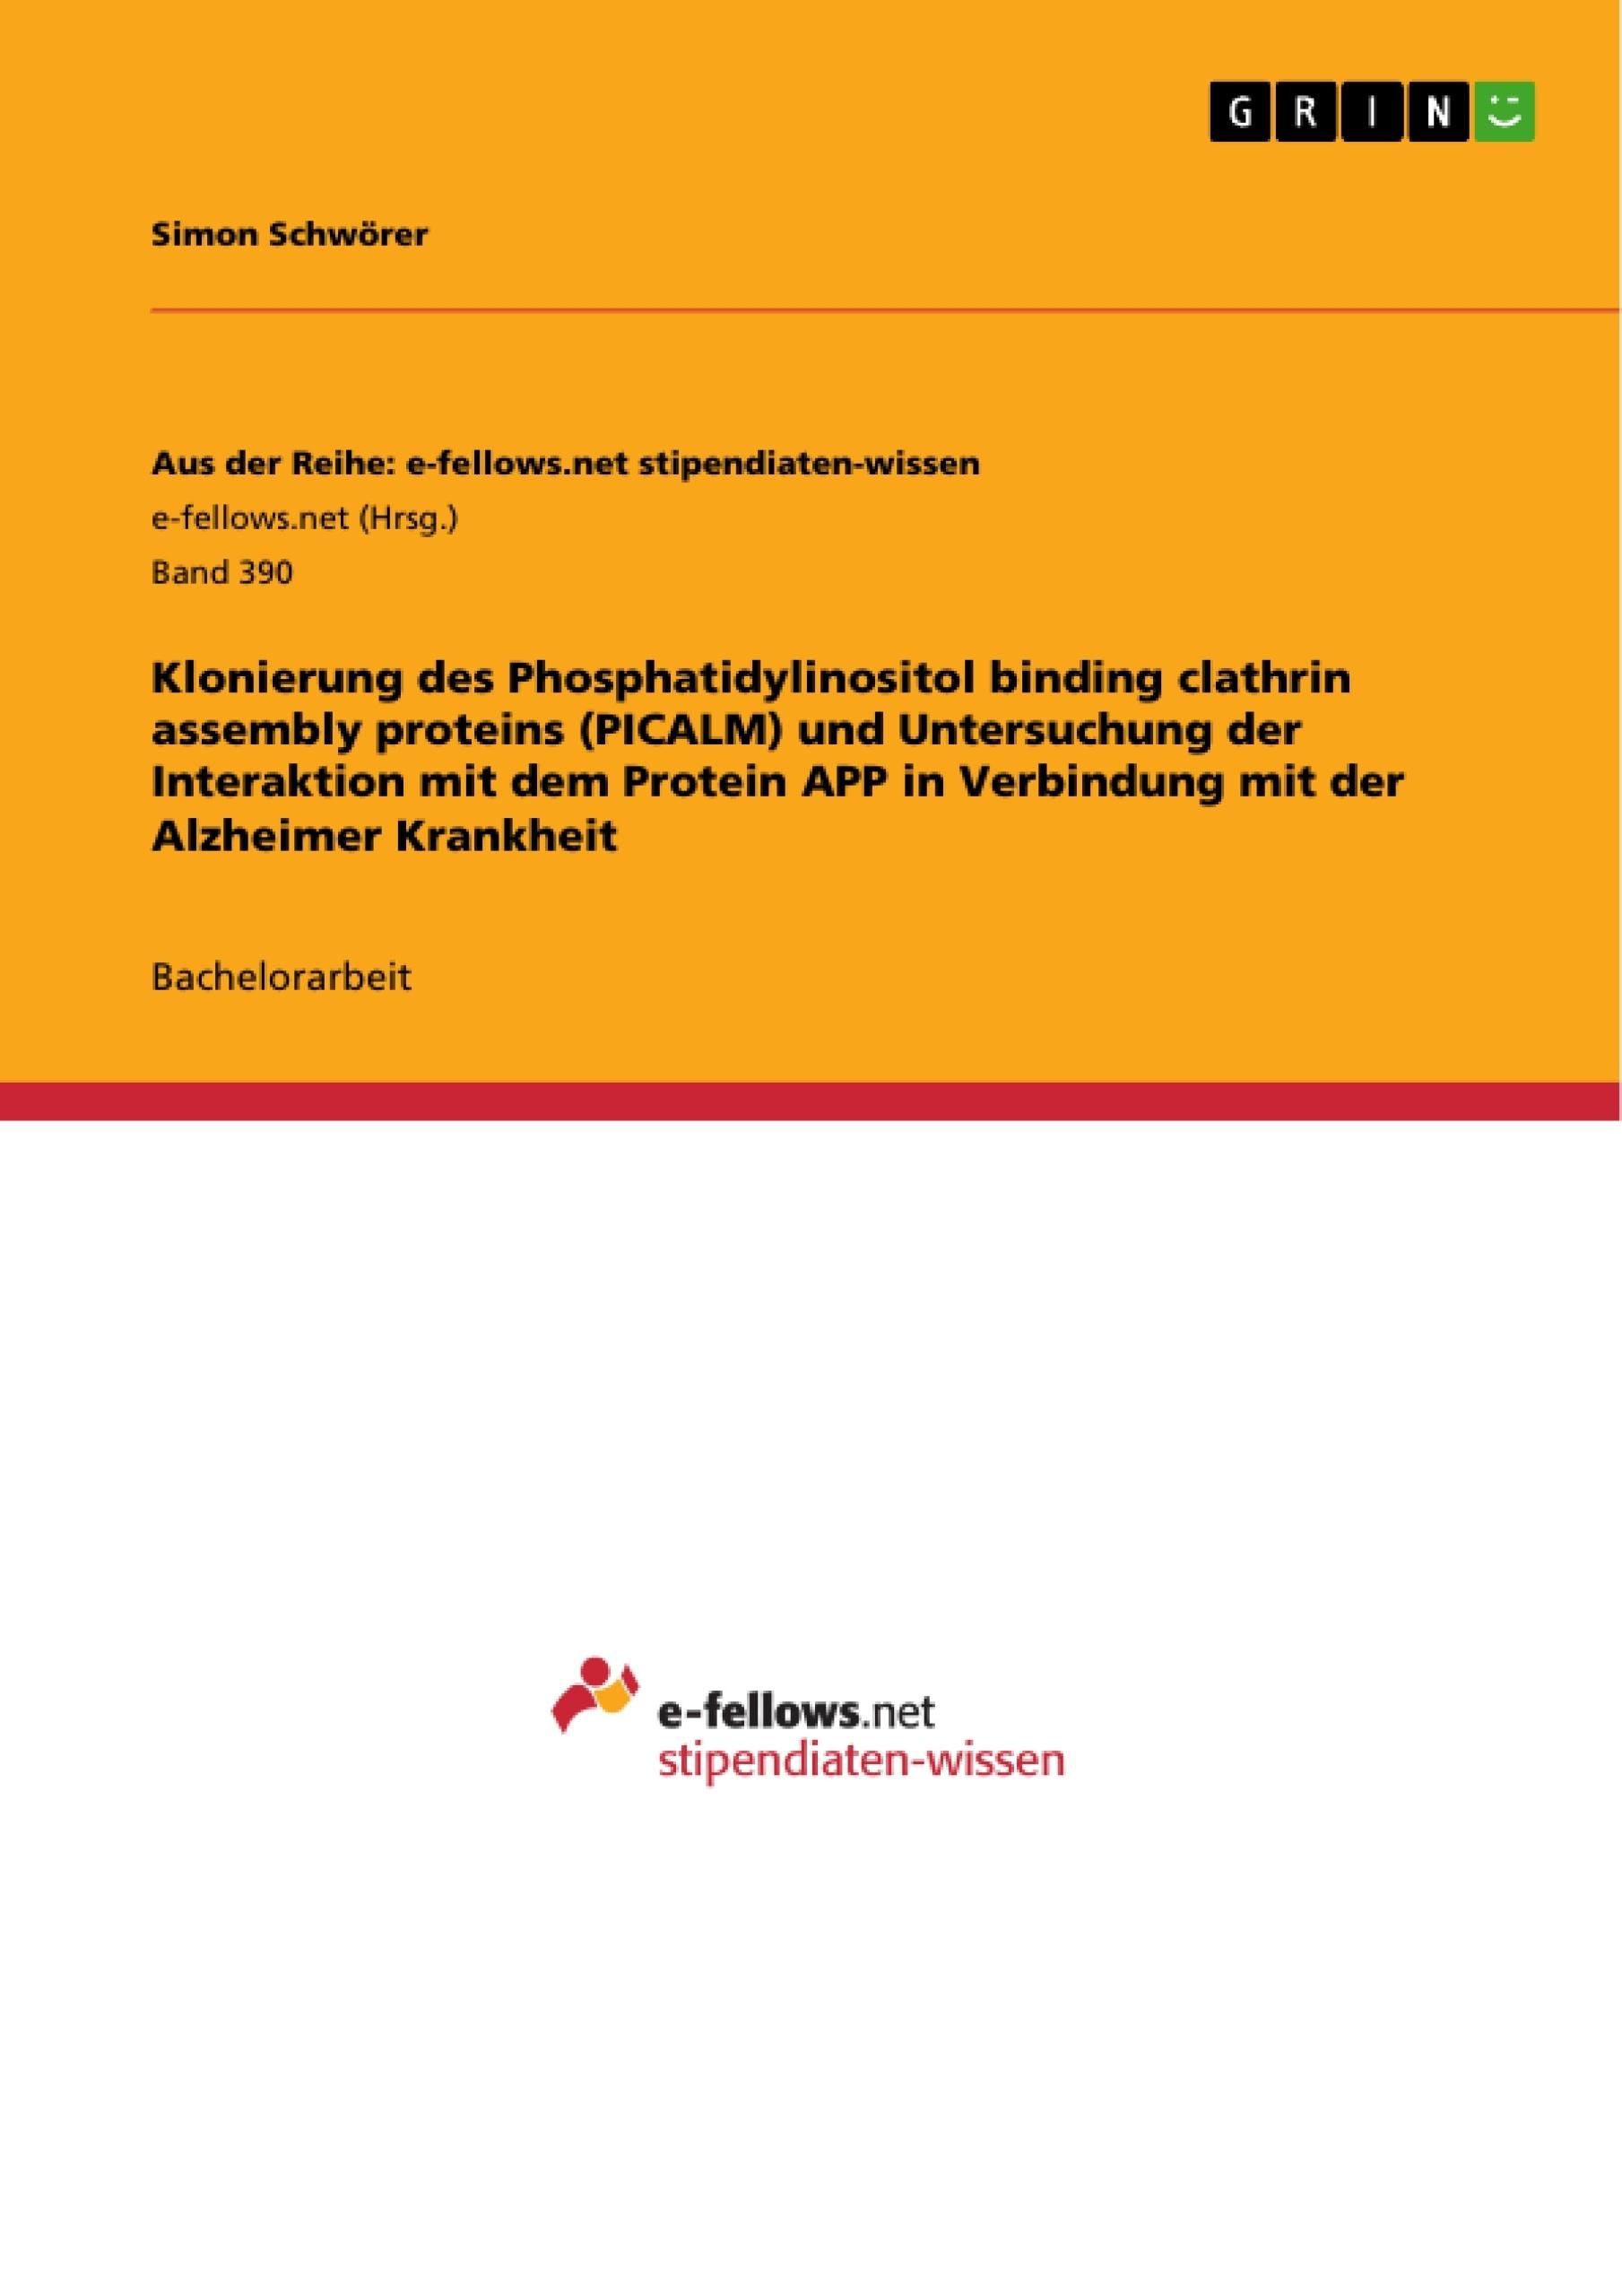 Titel: Klonierung des Phosphatidylinositol binding clathrin assembly proteins (PICALM) und Untersuchung der Interaktion mit dem Protein APP in Verbindung mit der Alzheimer Krankheit